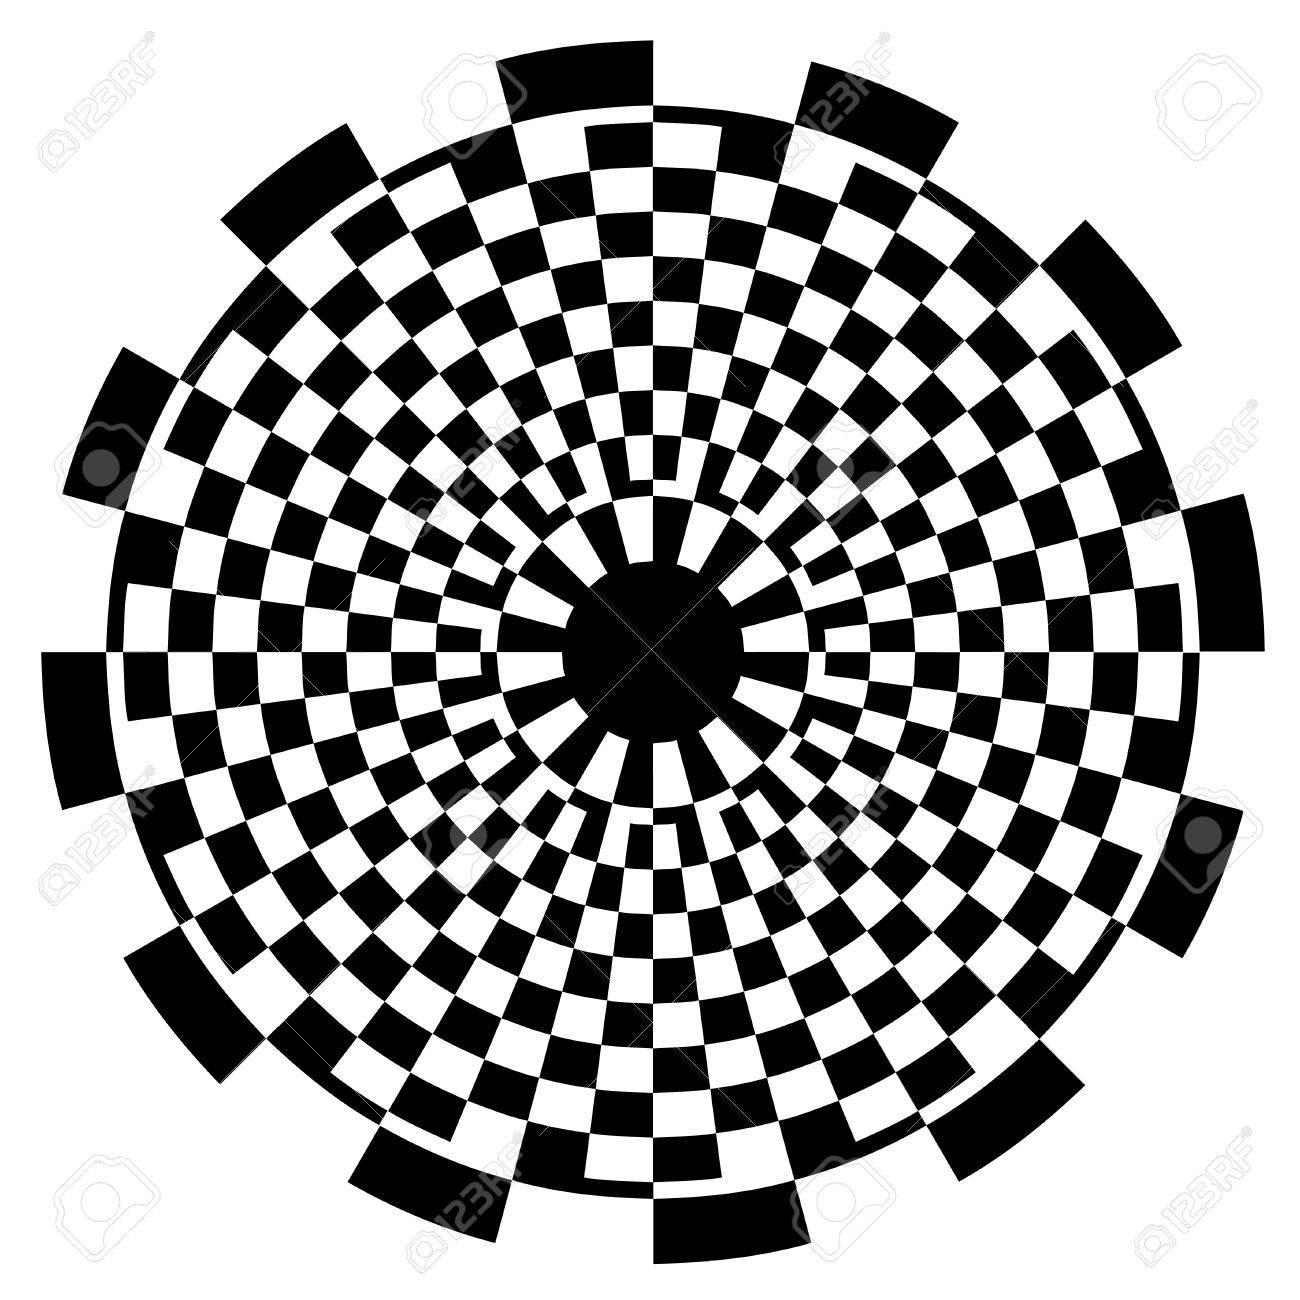 1300x1300 Checkerboard Spiral Design Illusion Background Pattern, Black